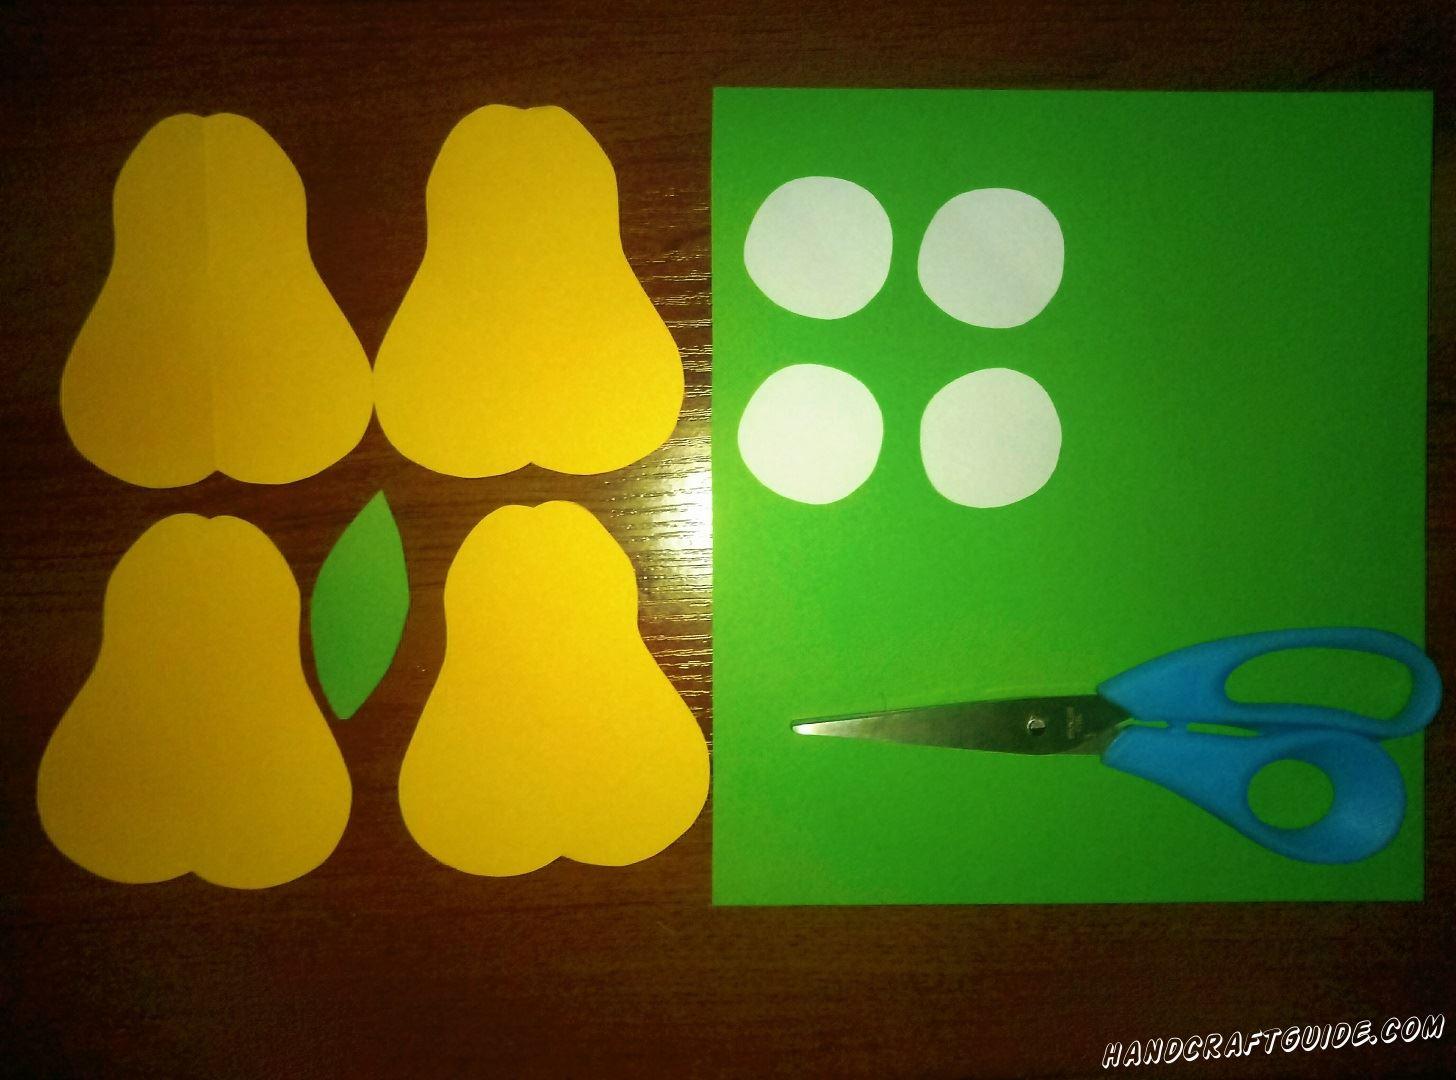 Из оранжевых прямоугольников вырезаем 4 одинаковые фигурки в форме груши. Лист зелёной бумаги скручиваем в трубочку и склеиваем. Из маленького зелёного кусочка вырезаем листочек. Затем берем коричневую бумагу и вырезаем 8 маленьких коричневых косточки